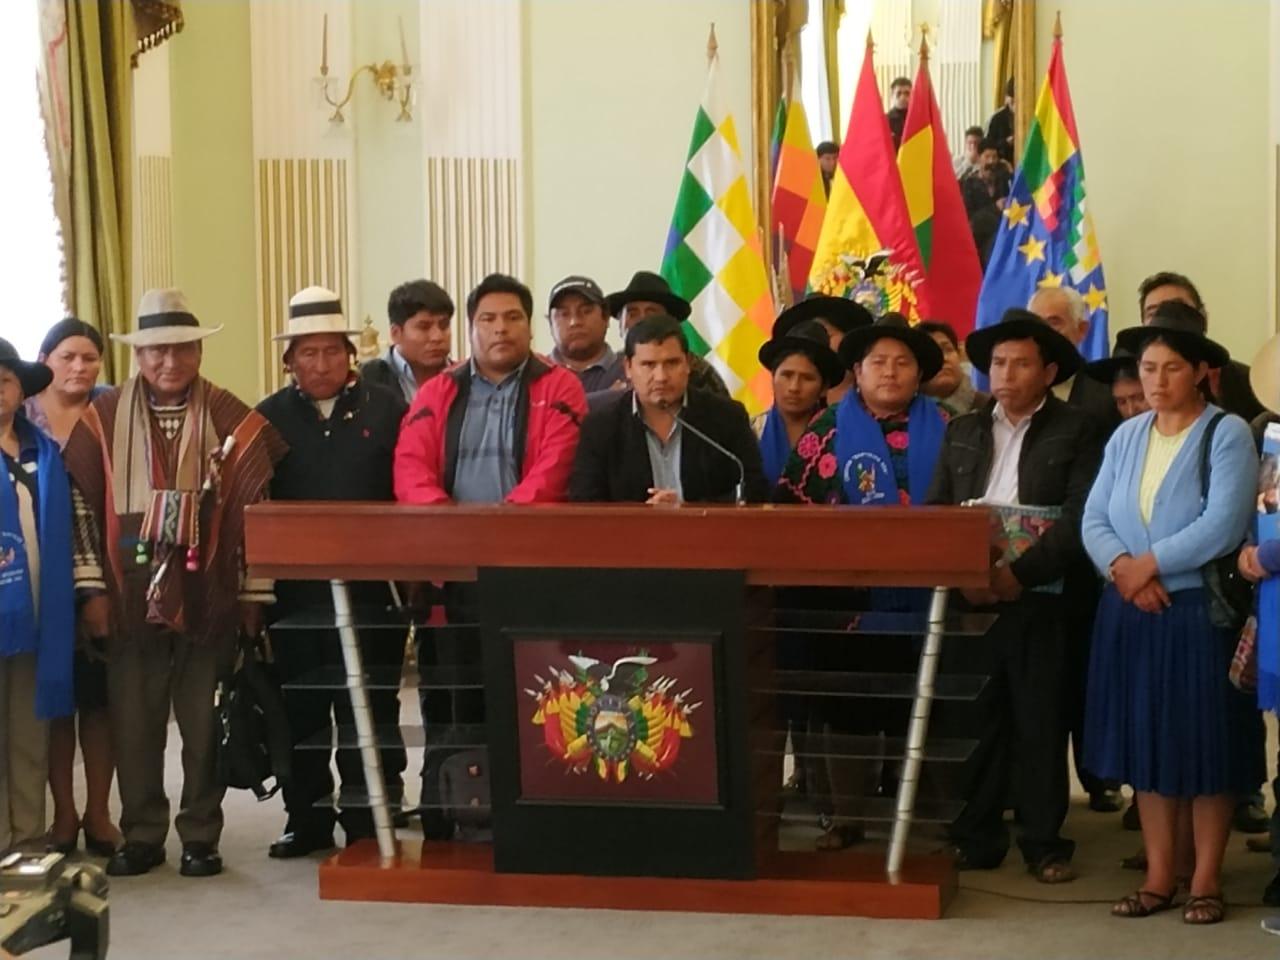 Organizaciones Sociales afines al MAS llevaran a cabo una concentración en Sucre para proclamar al binomio Evo – Álvaro